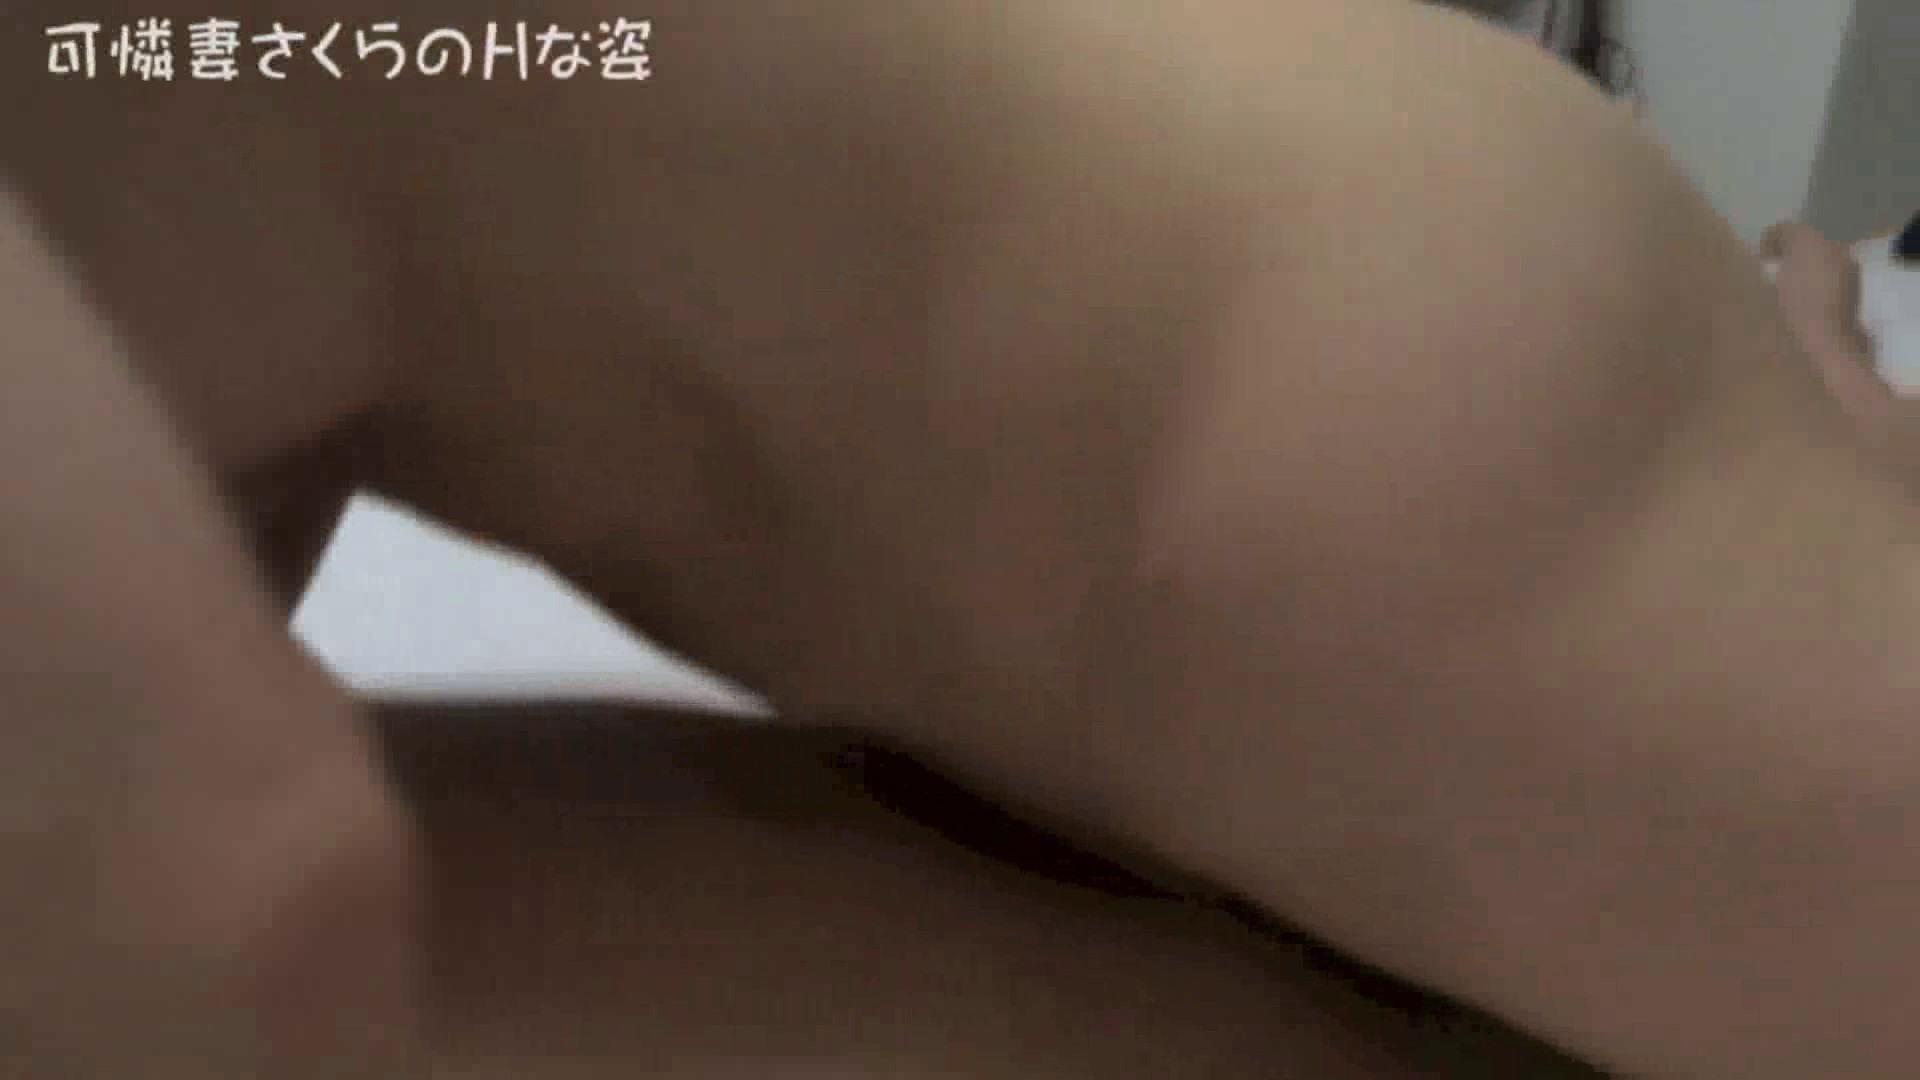 可憐妻さくらのHな姿vol.19 ローター   HなOL  100pic 86